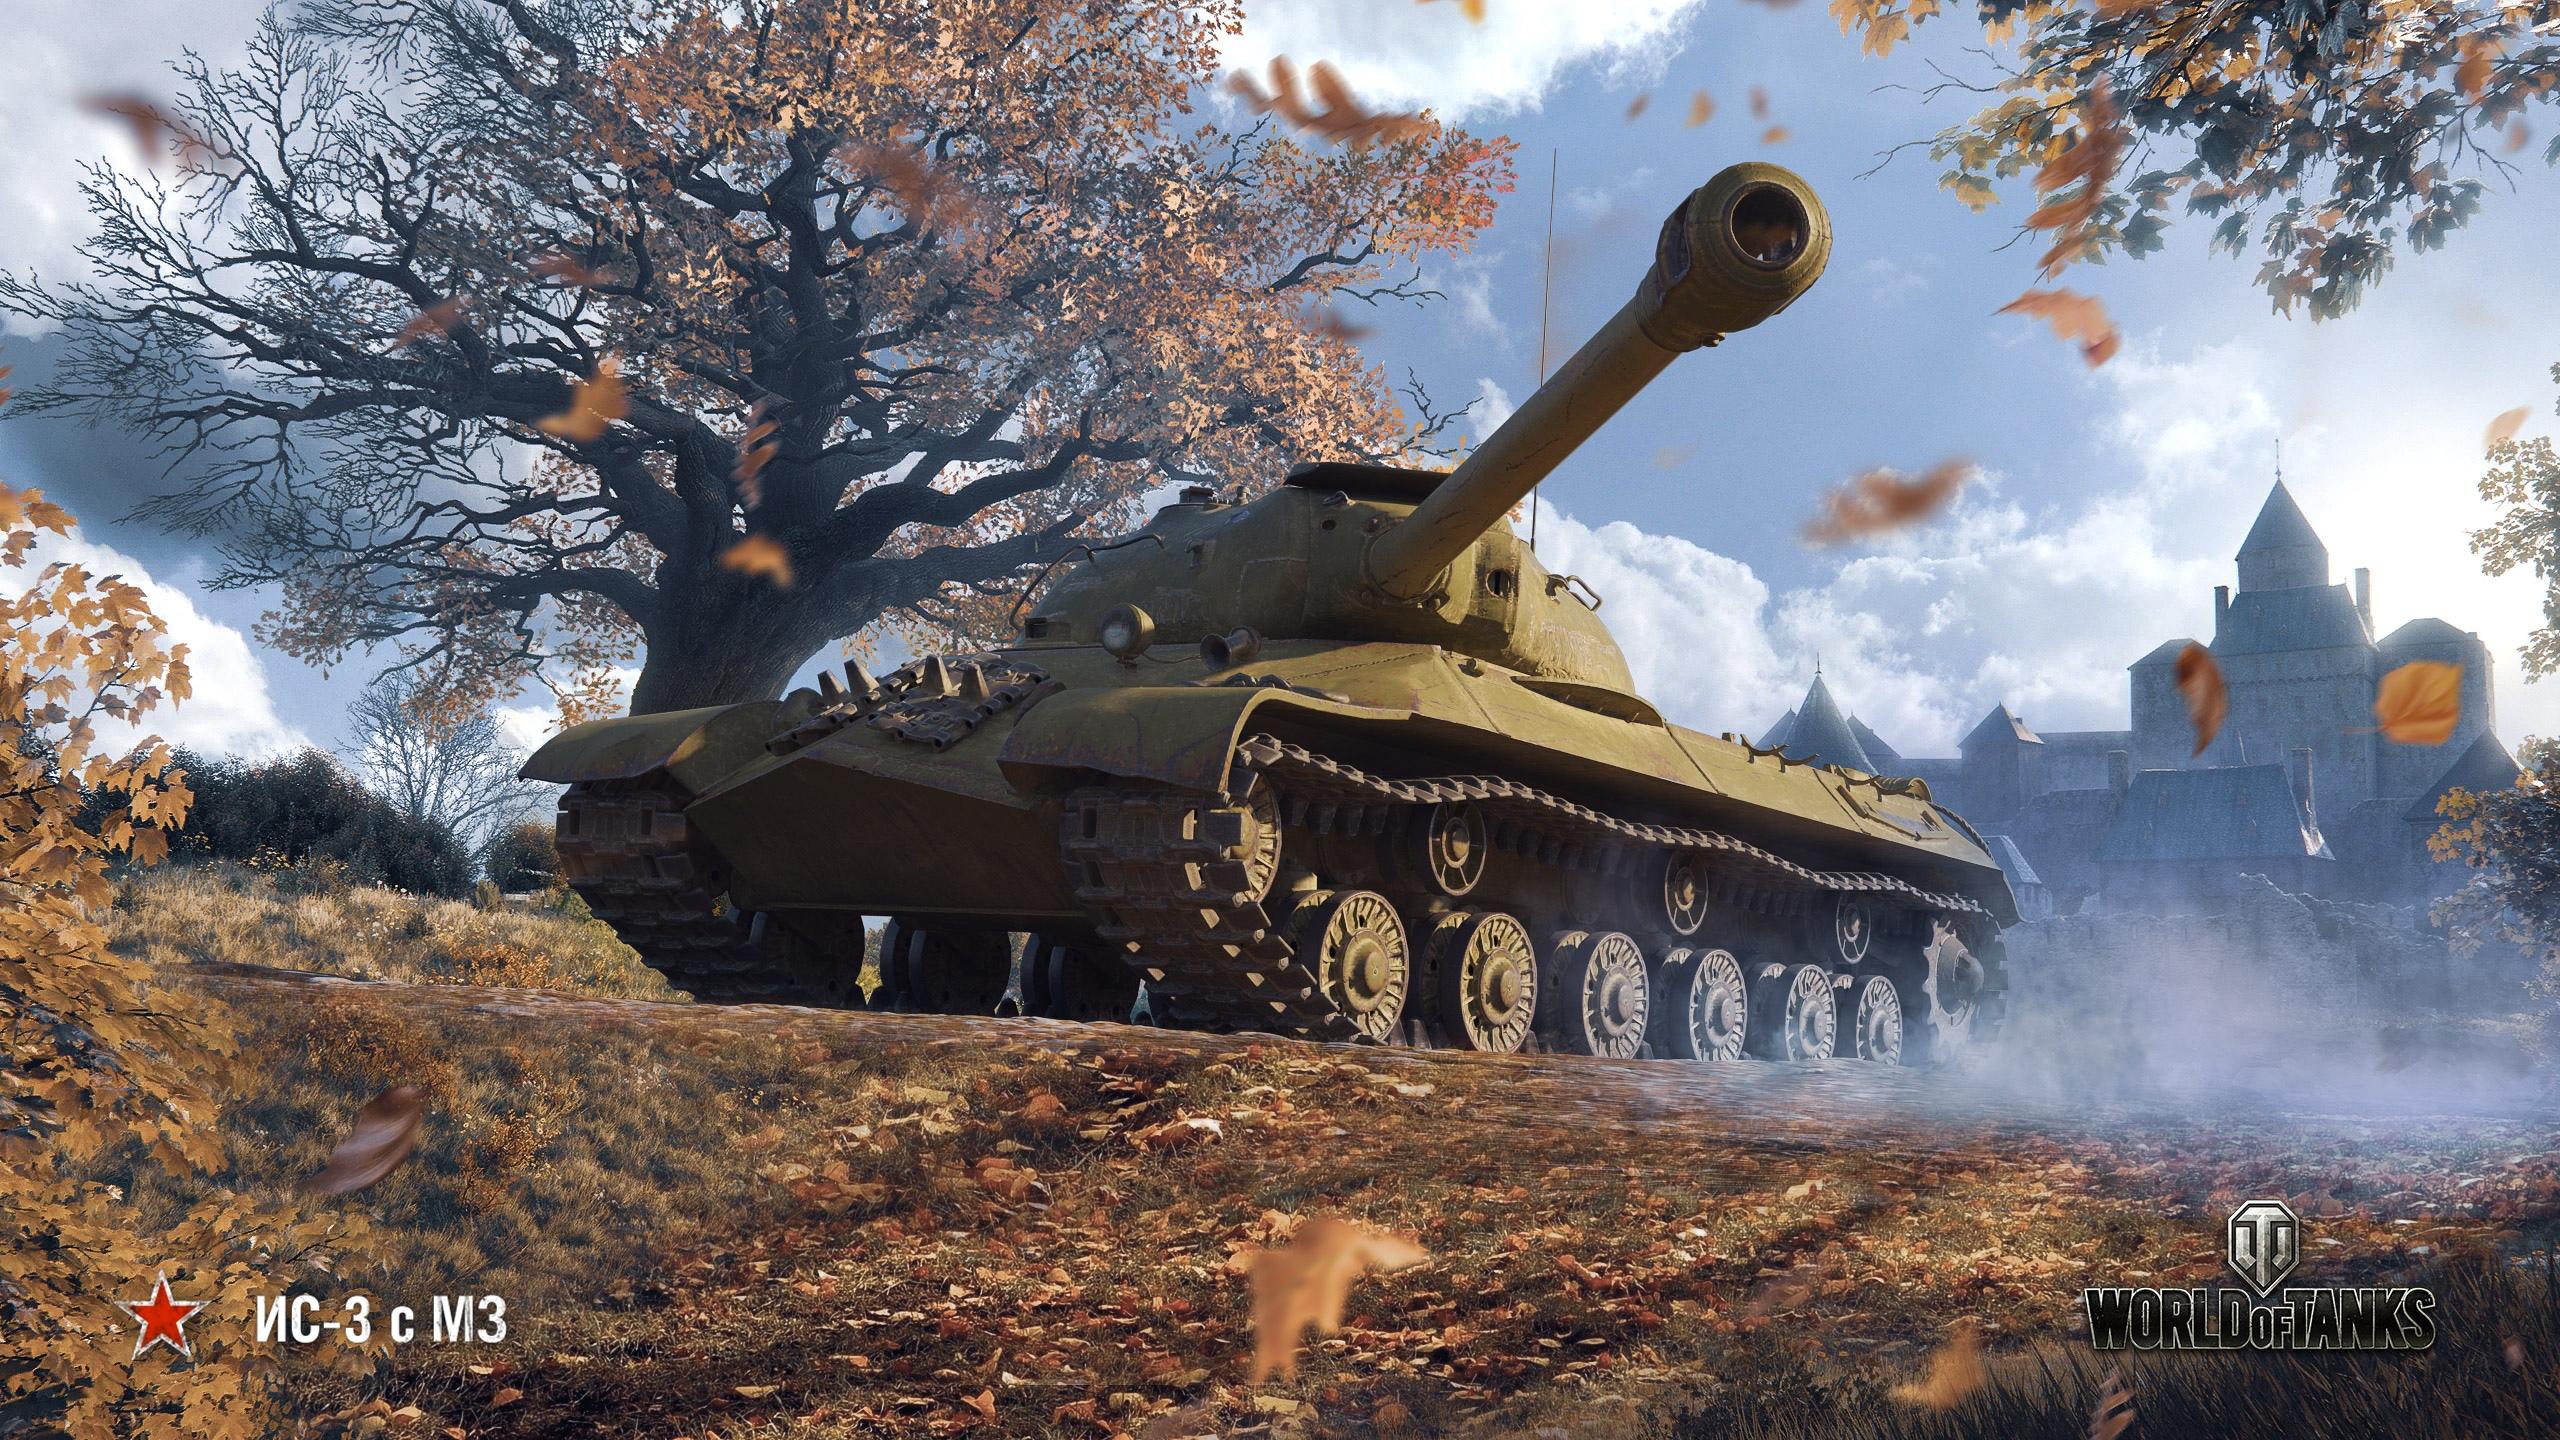 ИС-3 с М3 — советский тяжелый прем танк 8 уровня